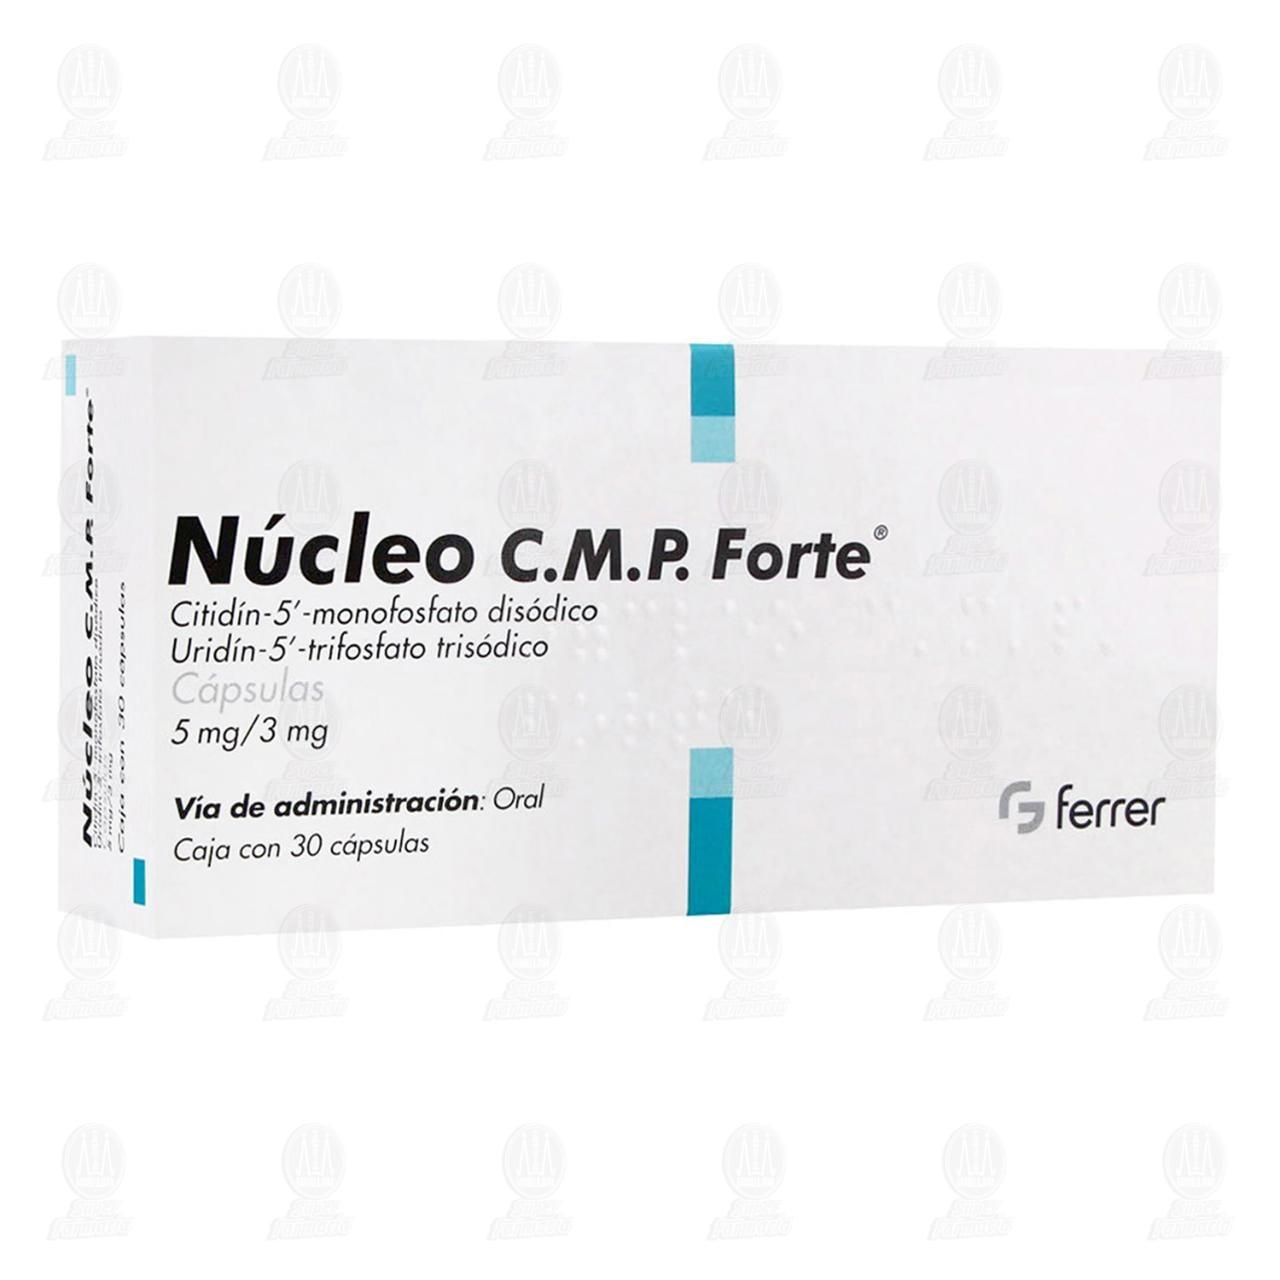 Comprar Núcleo C.M.P. Forte 5mg/3mg 30 Cápsulas en Farmacias Guadalajara